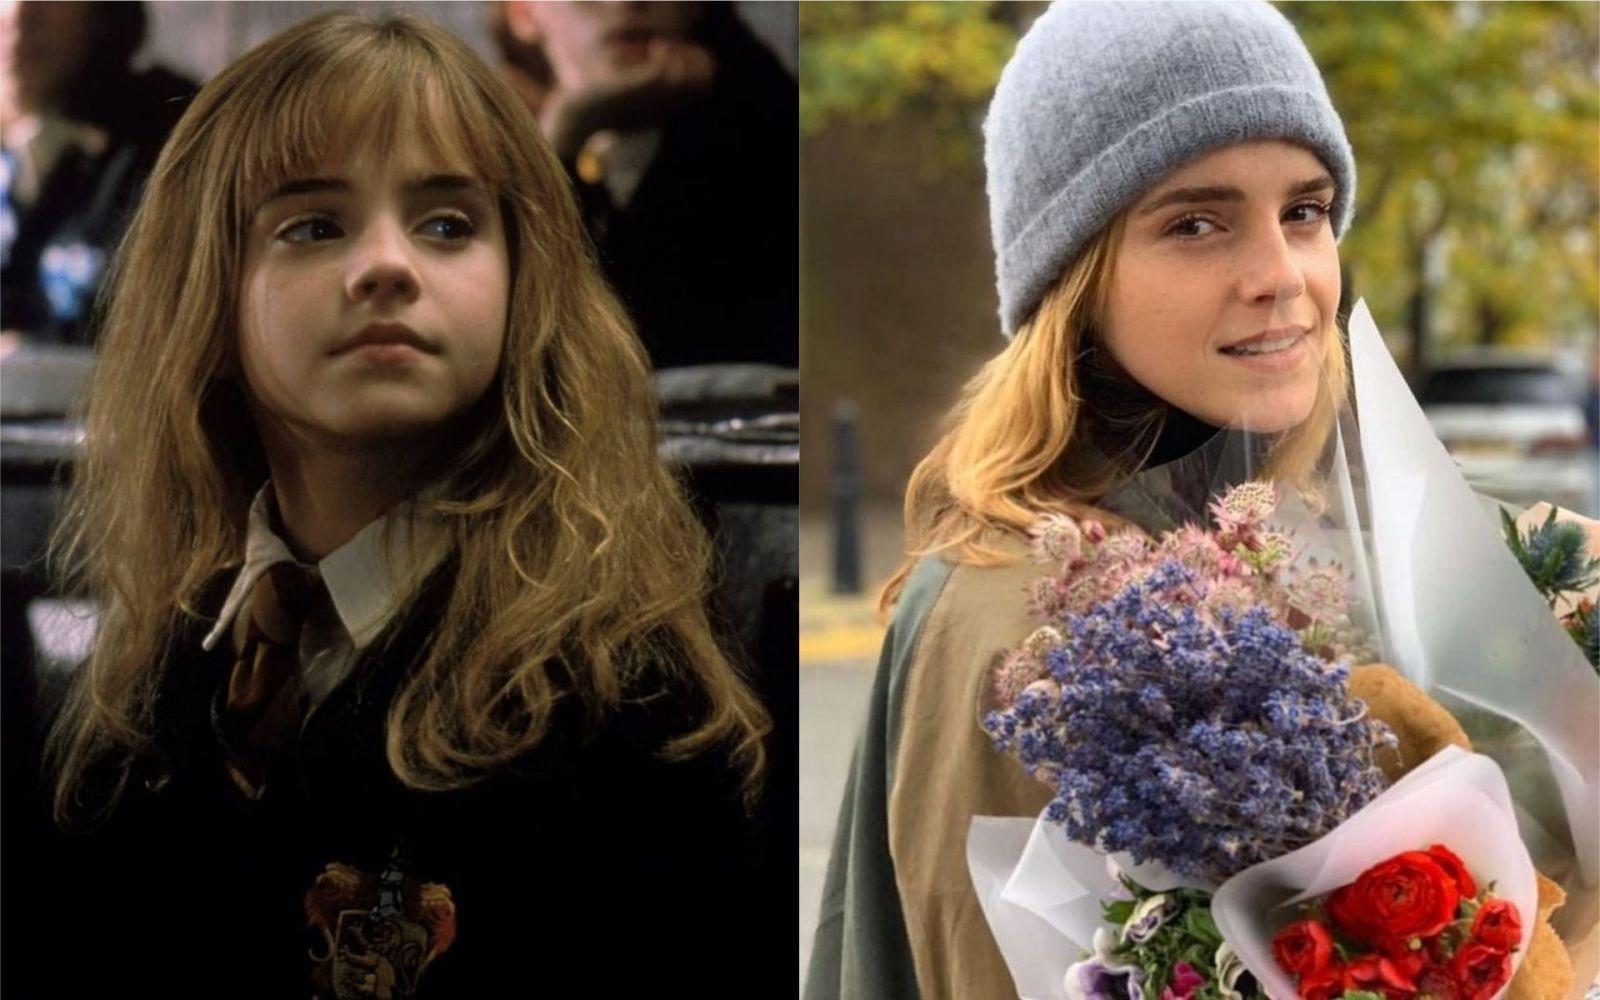 Hermione Granger/Emma Watson